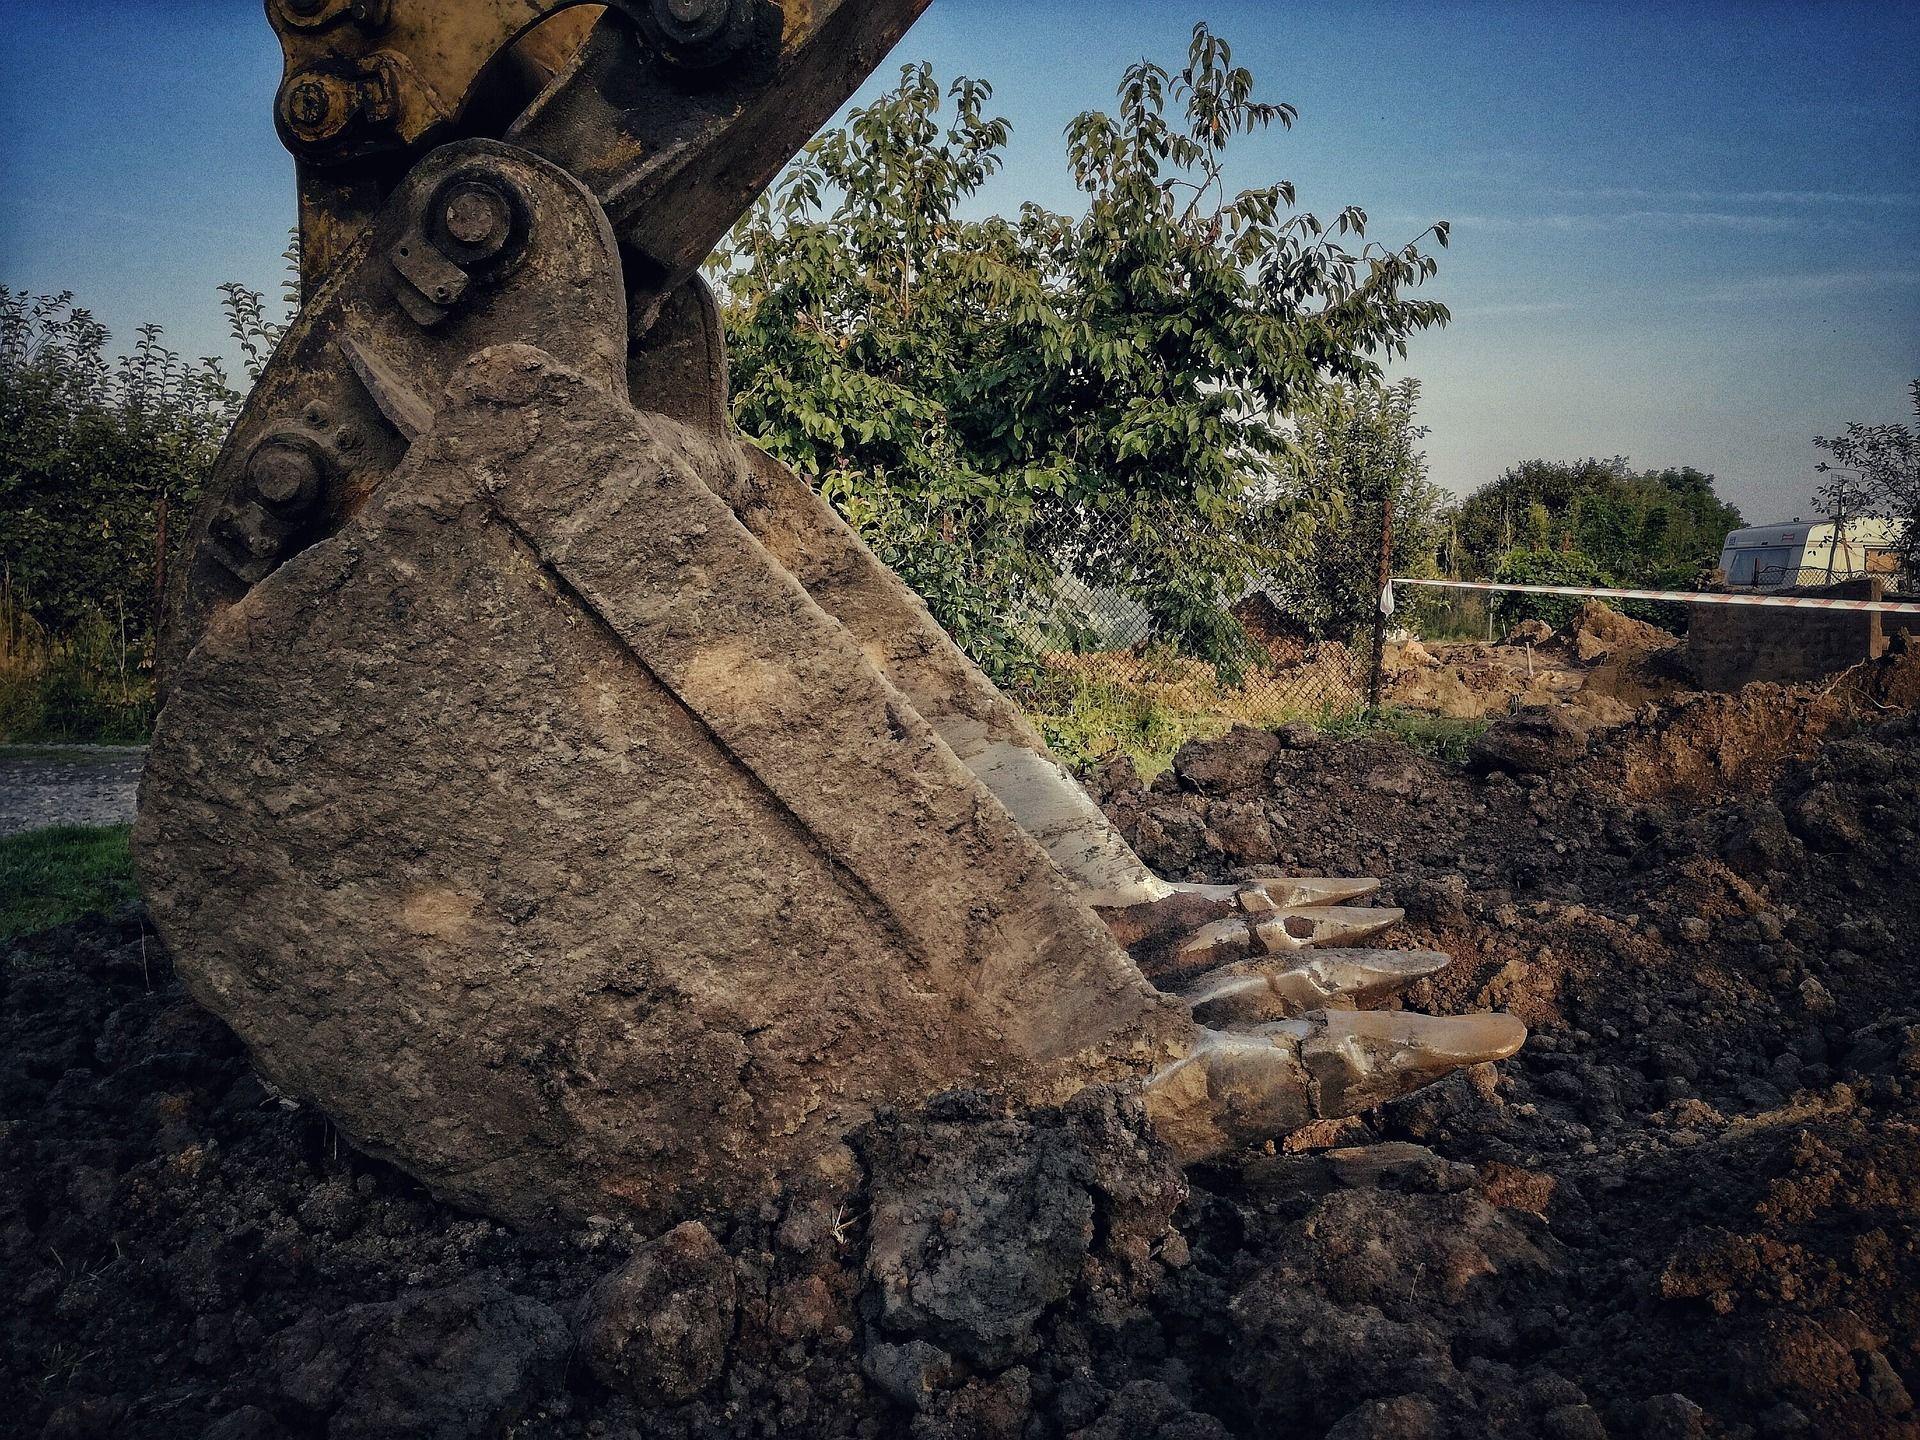 Разрушение костромского культурного слоя оценили в 8 миллионов рублей